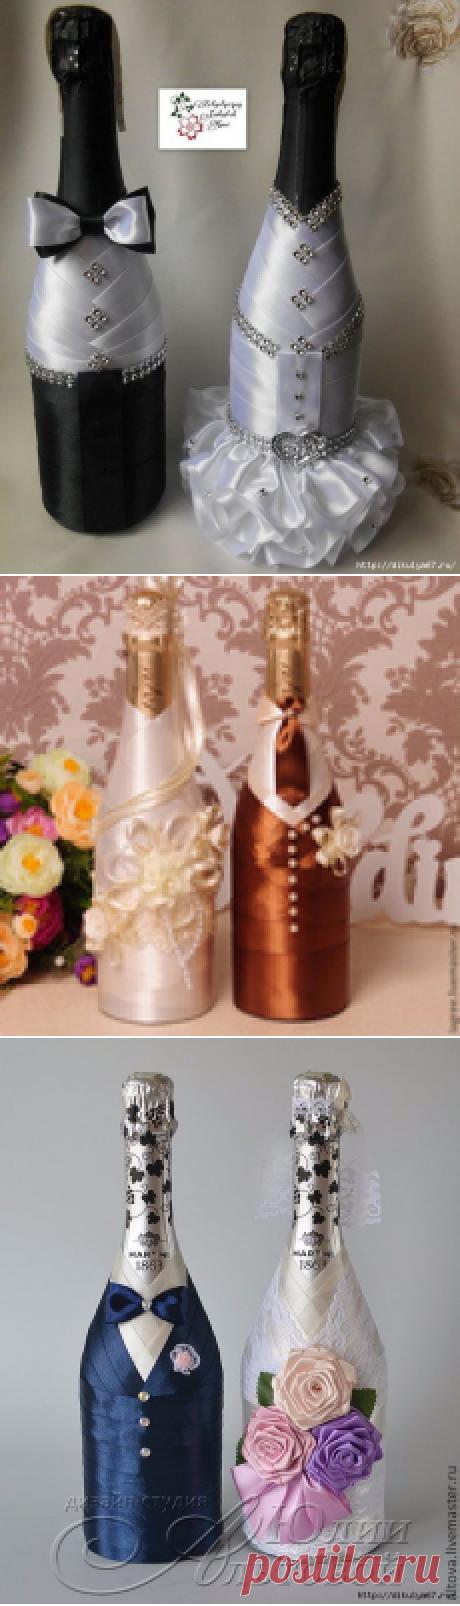 Свадебный декор бутылок и бокалов